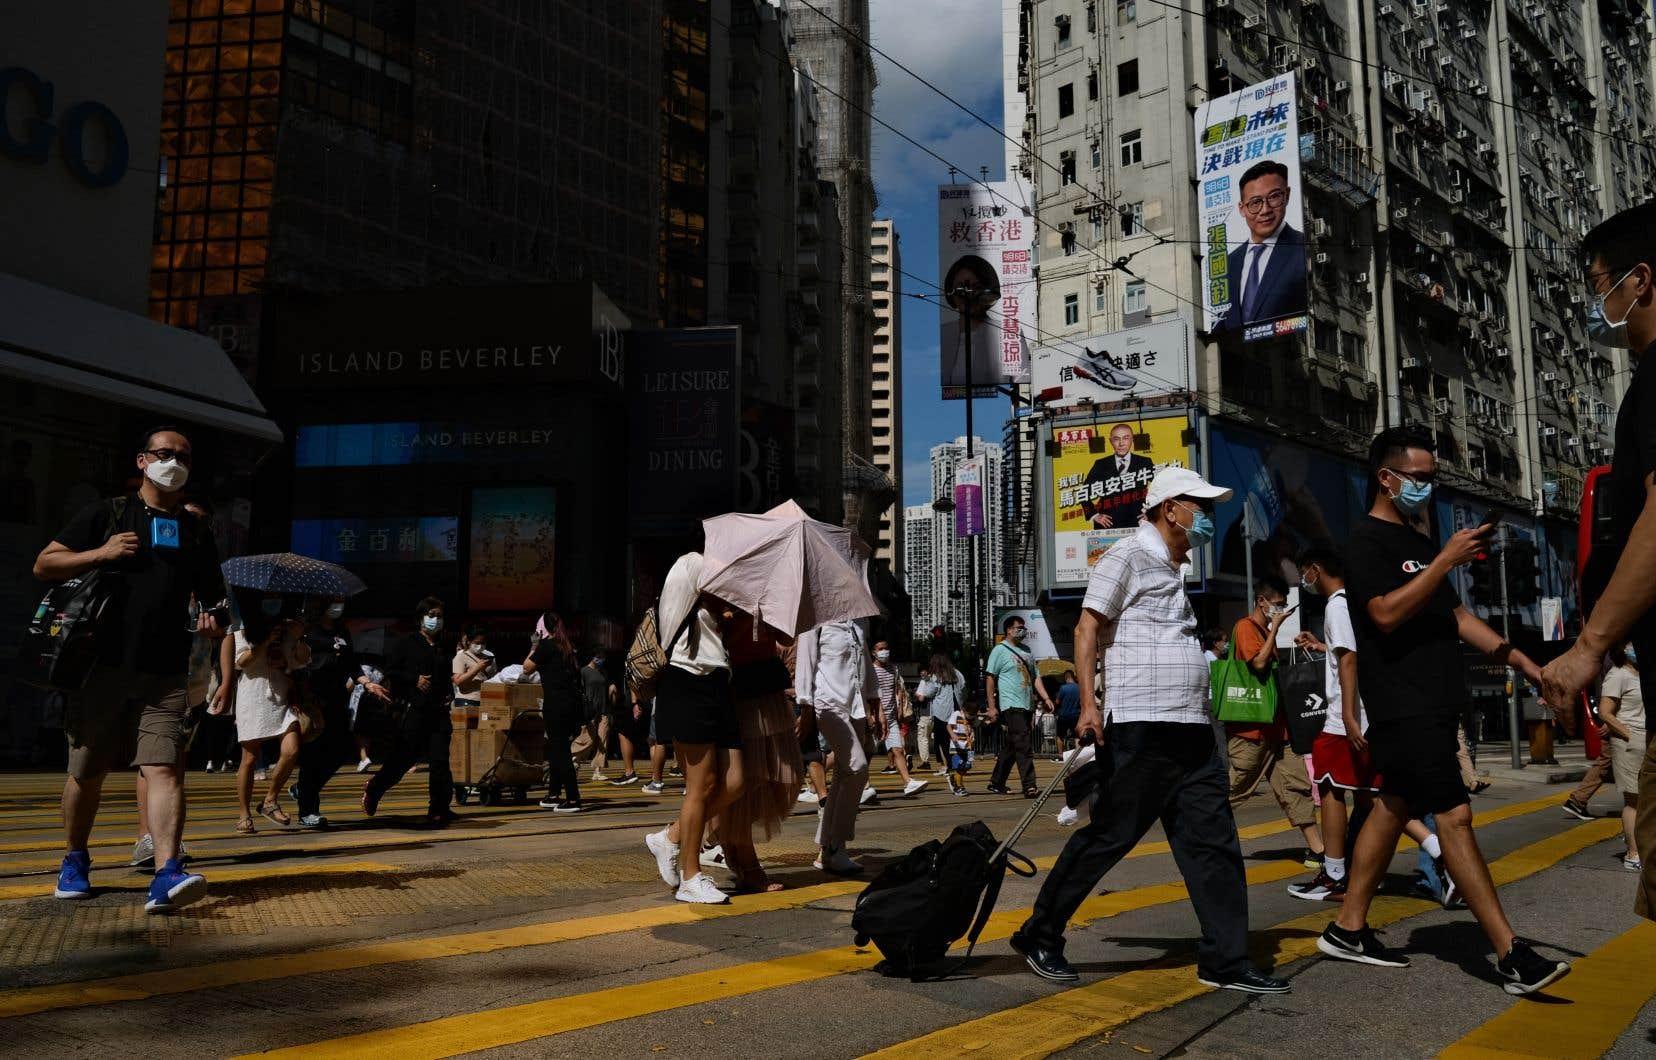 Les autorités ont ordonné de nouvelles mesures dans la ville, où le port du masque est désormais obligatoire en public.